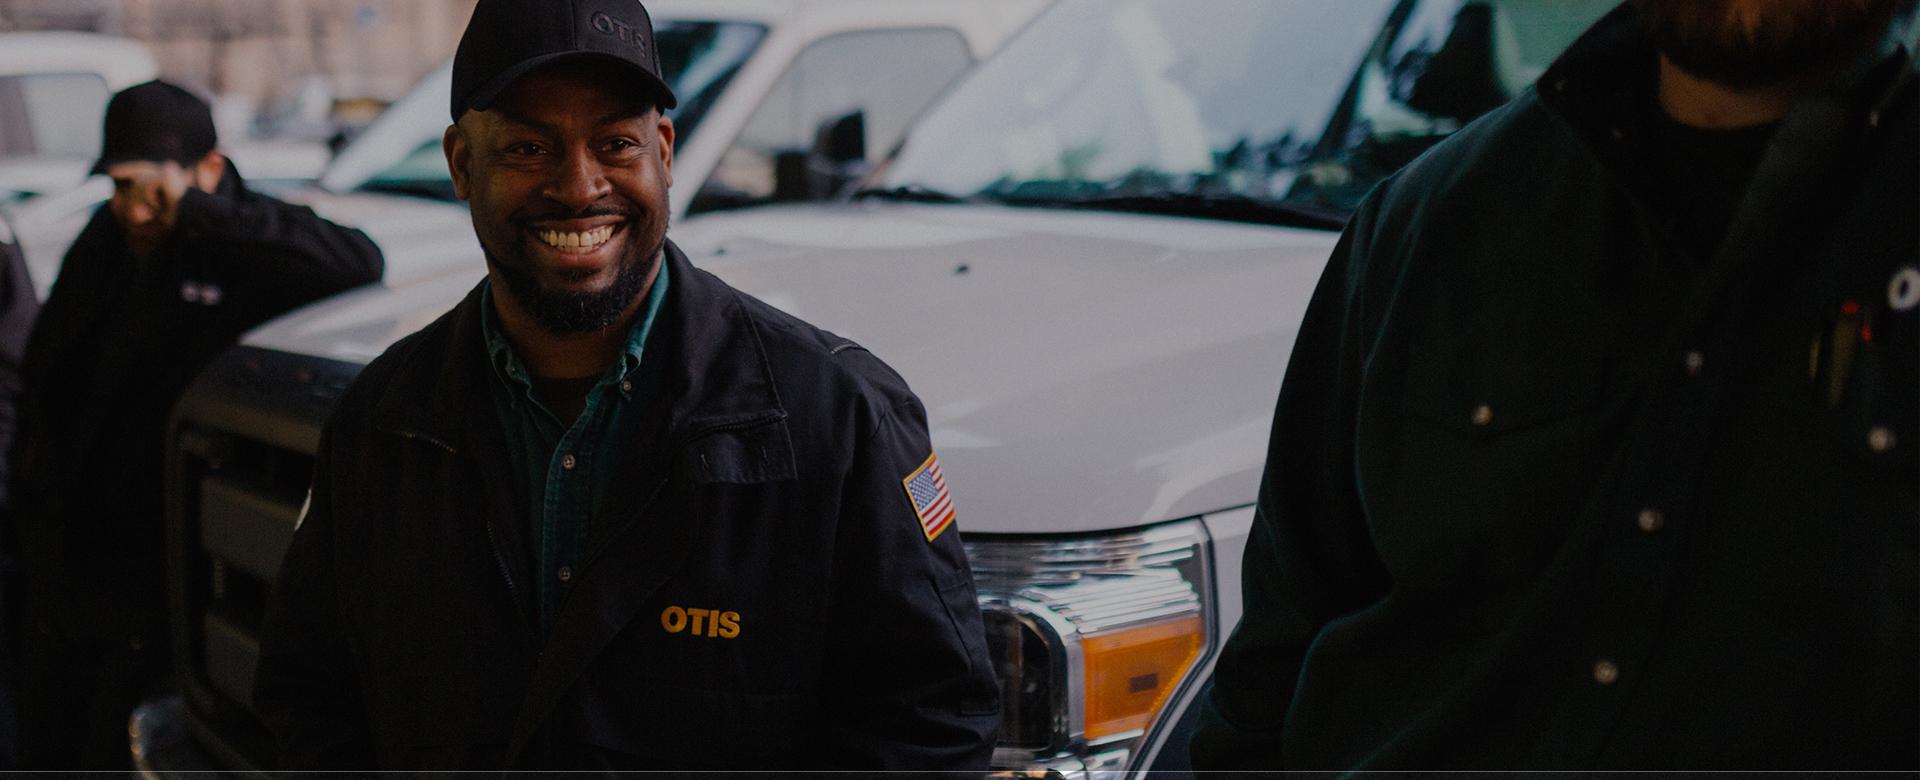 Smiling-service-man